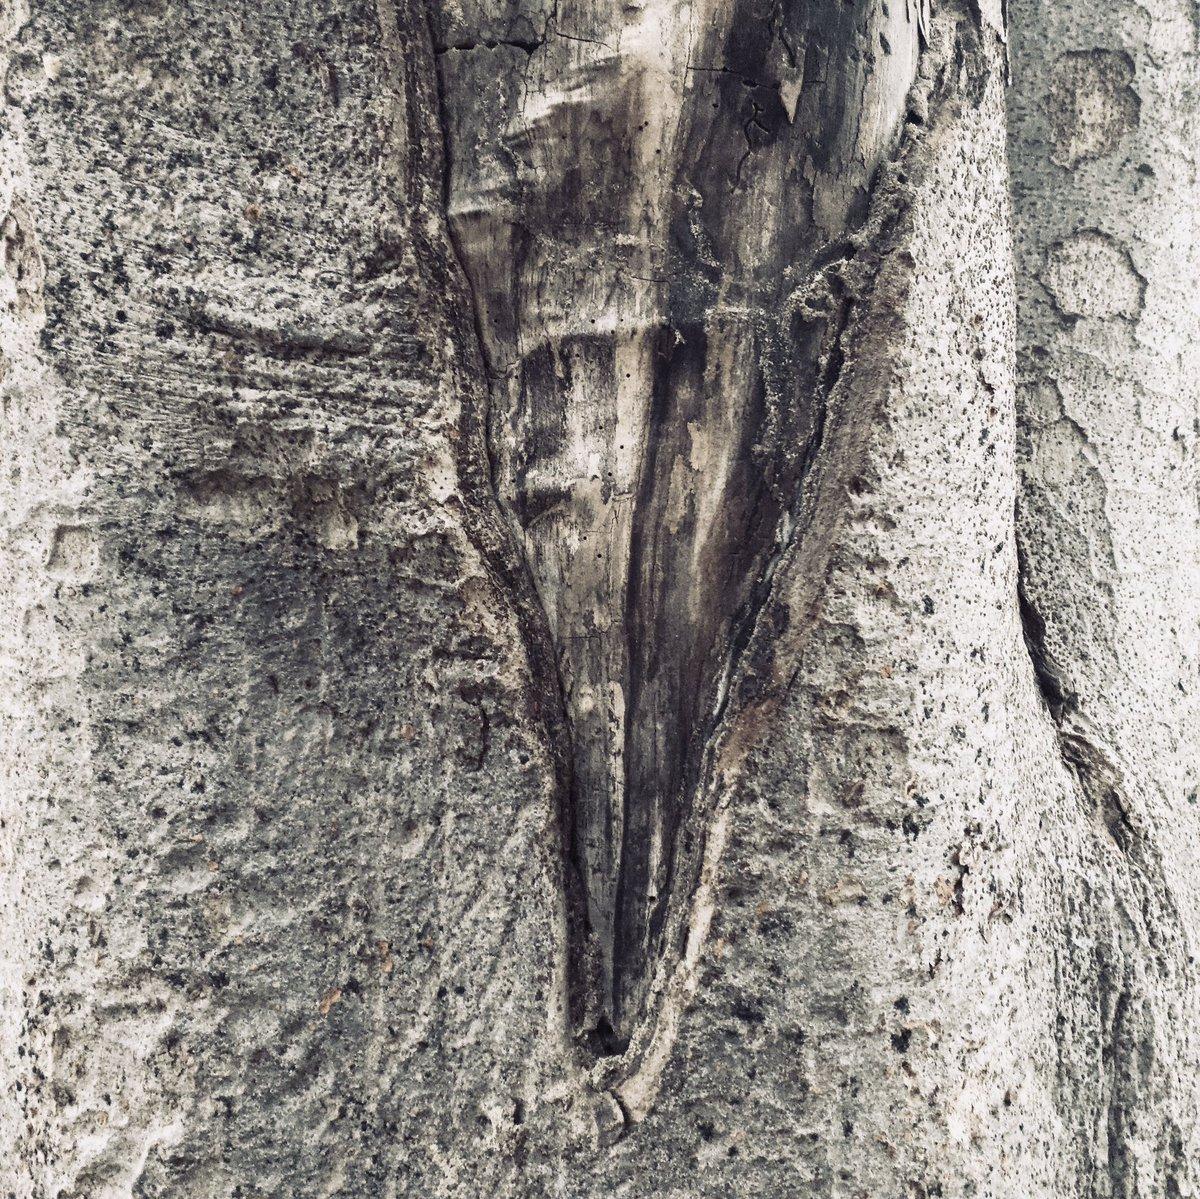 【樹皮蒐集】楔(くさび) #樹皮蒐集 #樹を撮る人 #樹皮 #樹木 #自然 #写真 #写真好きな人と繋がりたい #nature #photo #photography #tree https://t.co/iwXZQne3CA